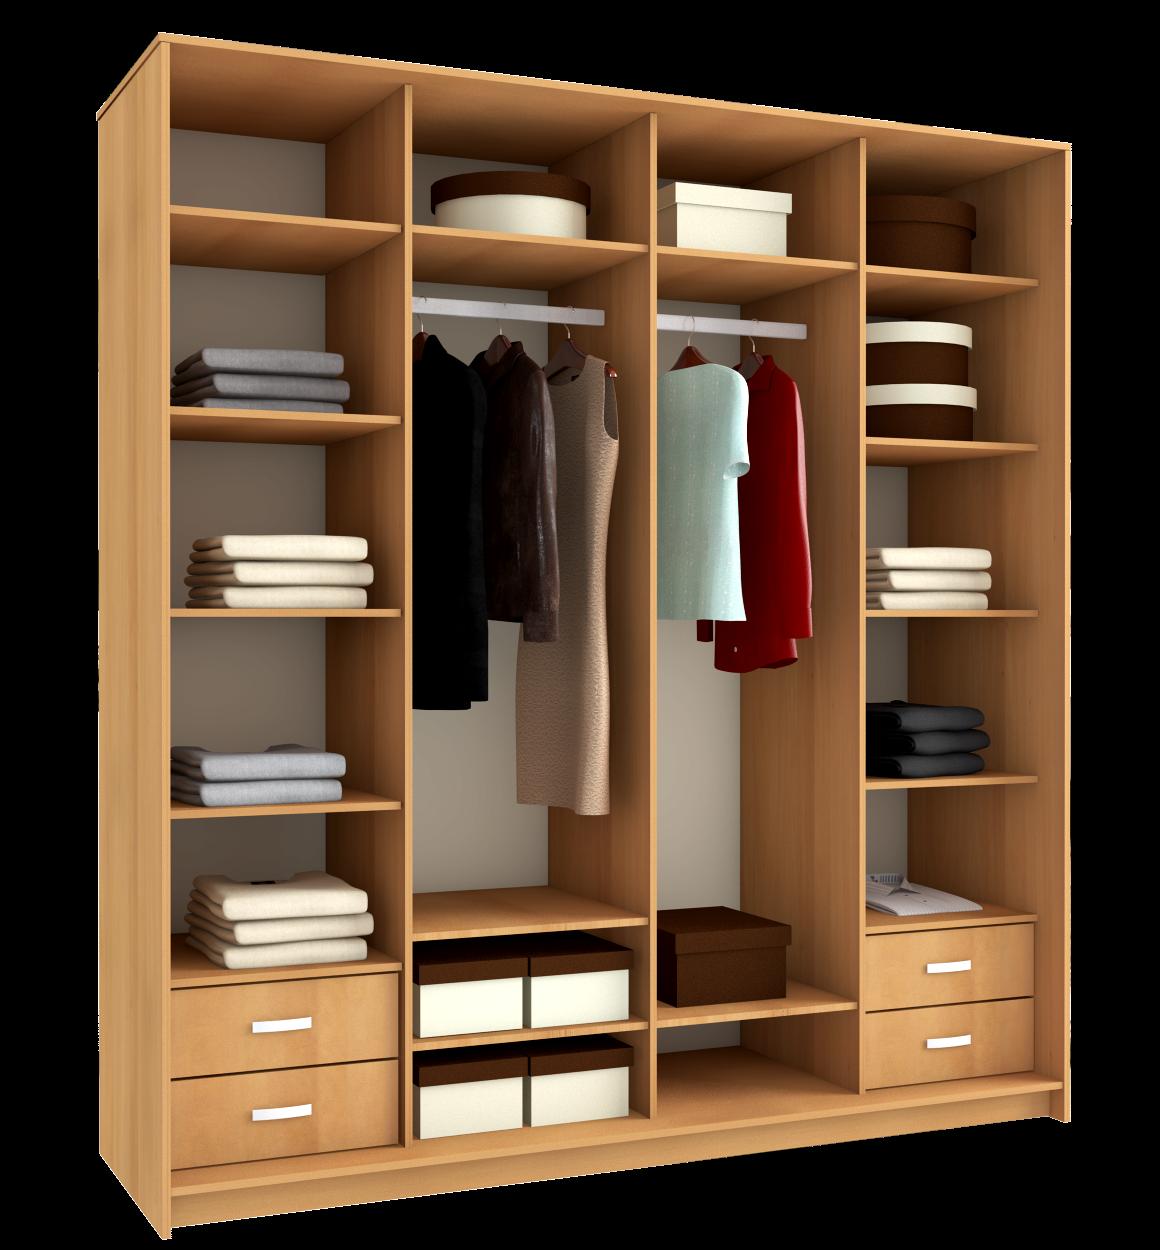 Как сделать удобные и вместительные полки в шкаф-купе